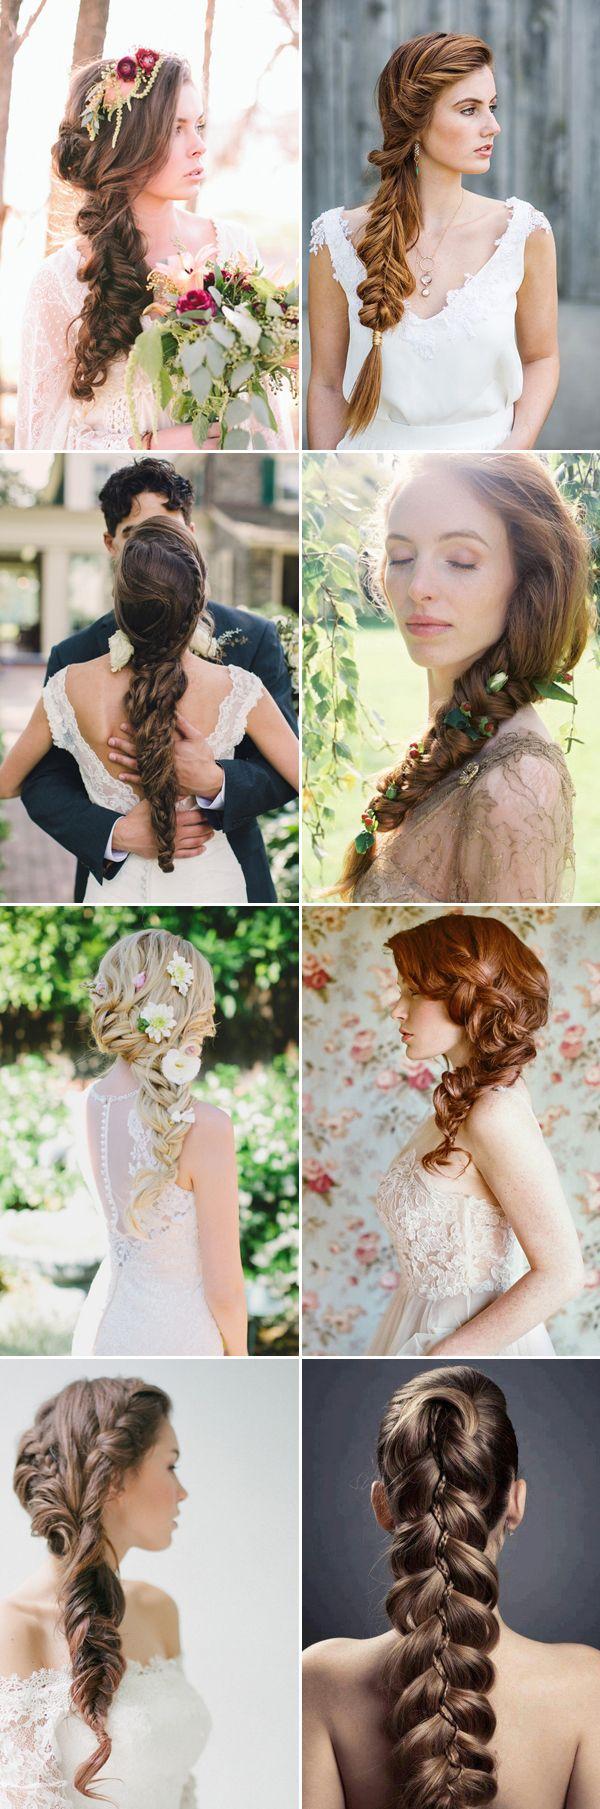 17 Jaw Dropping Bridal Braids We Adore - Long Braids